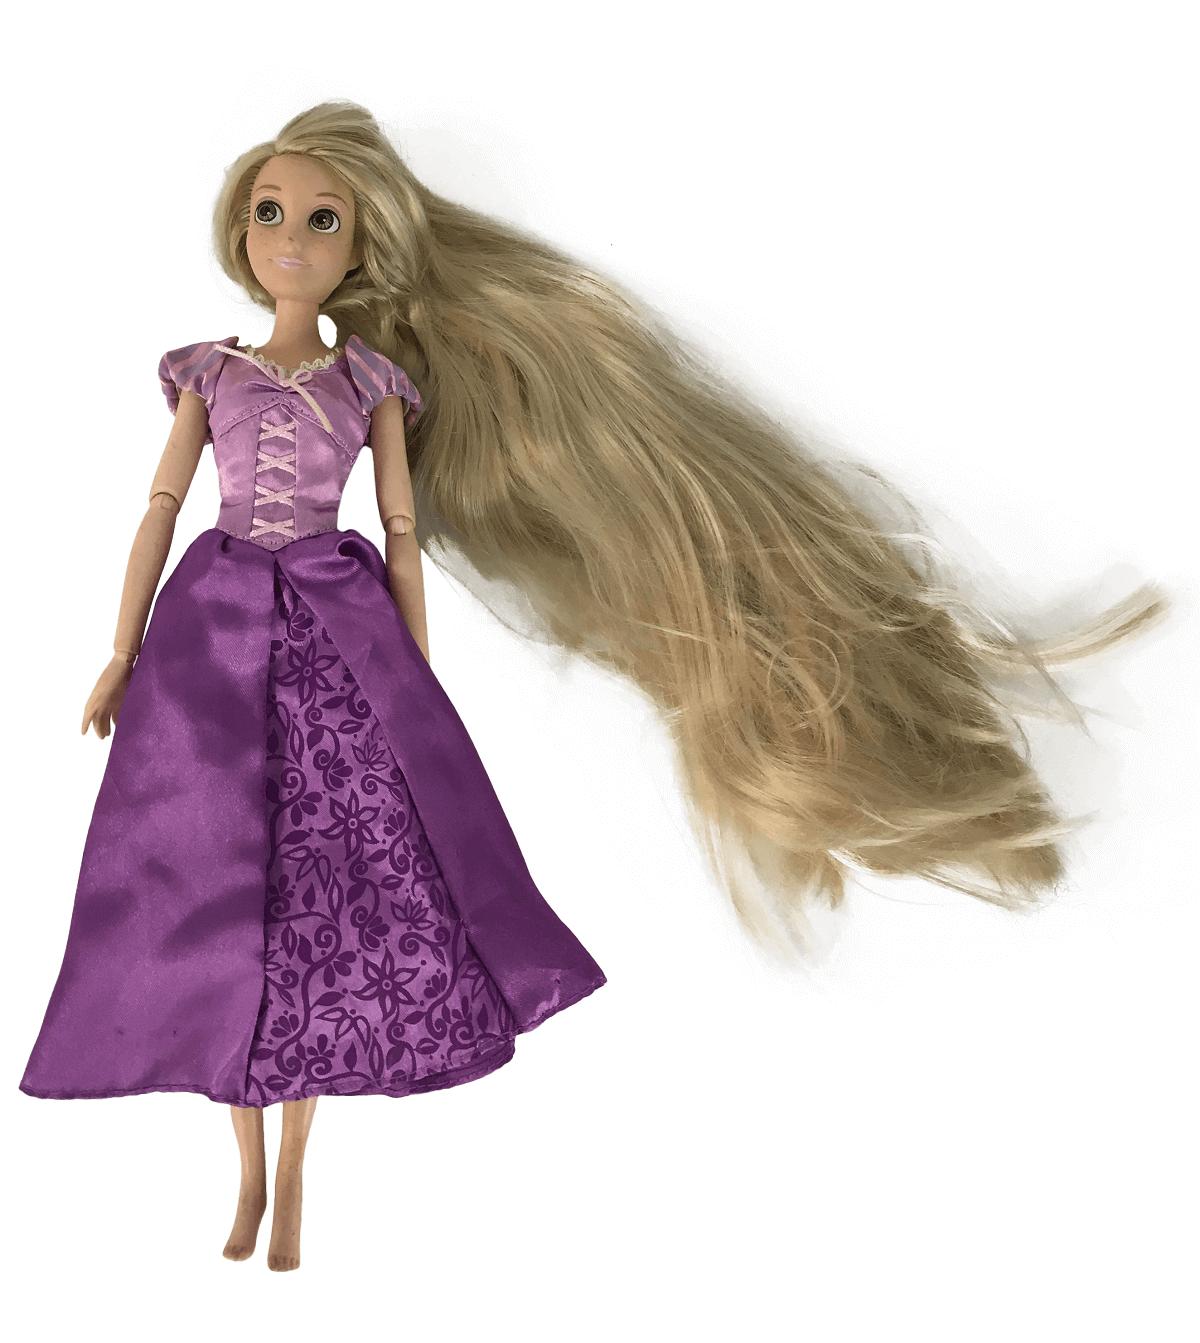 Princesa Rapunzel Enrolados Disney Vestido Roxo Articulada